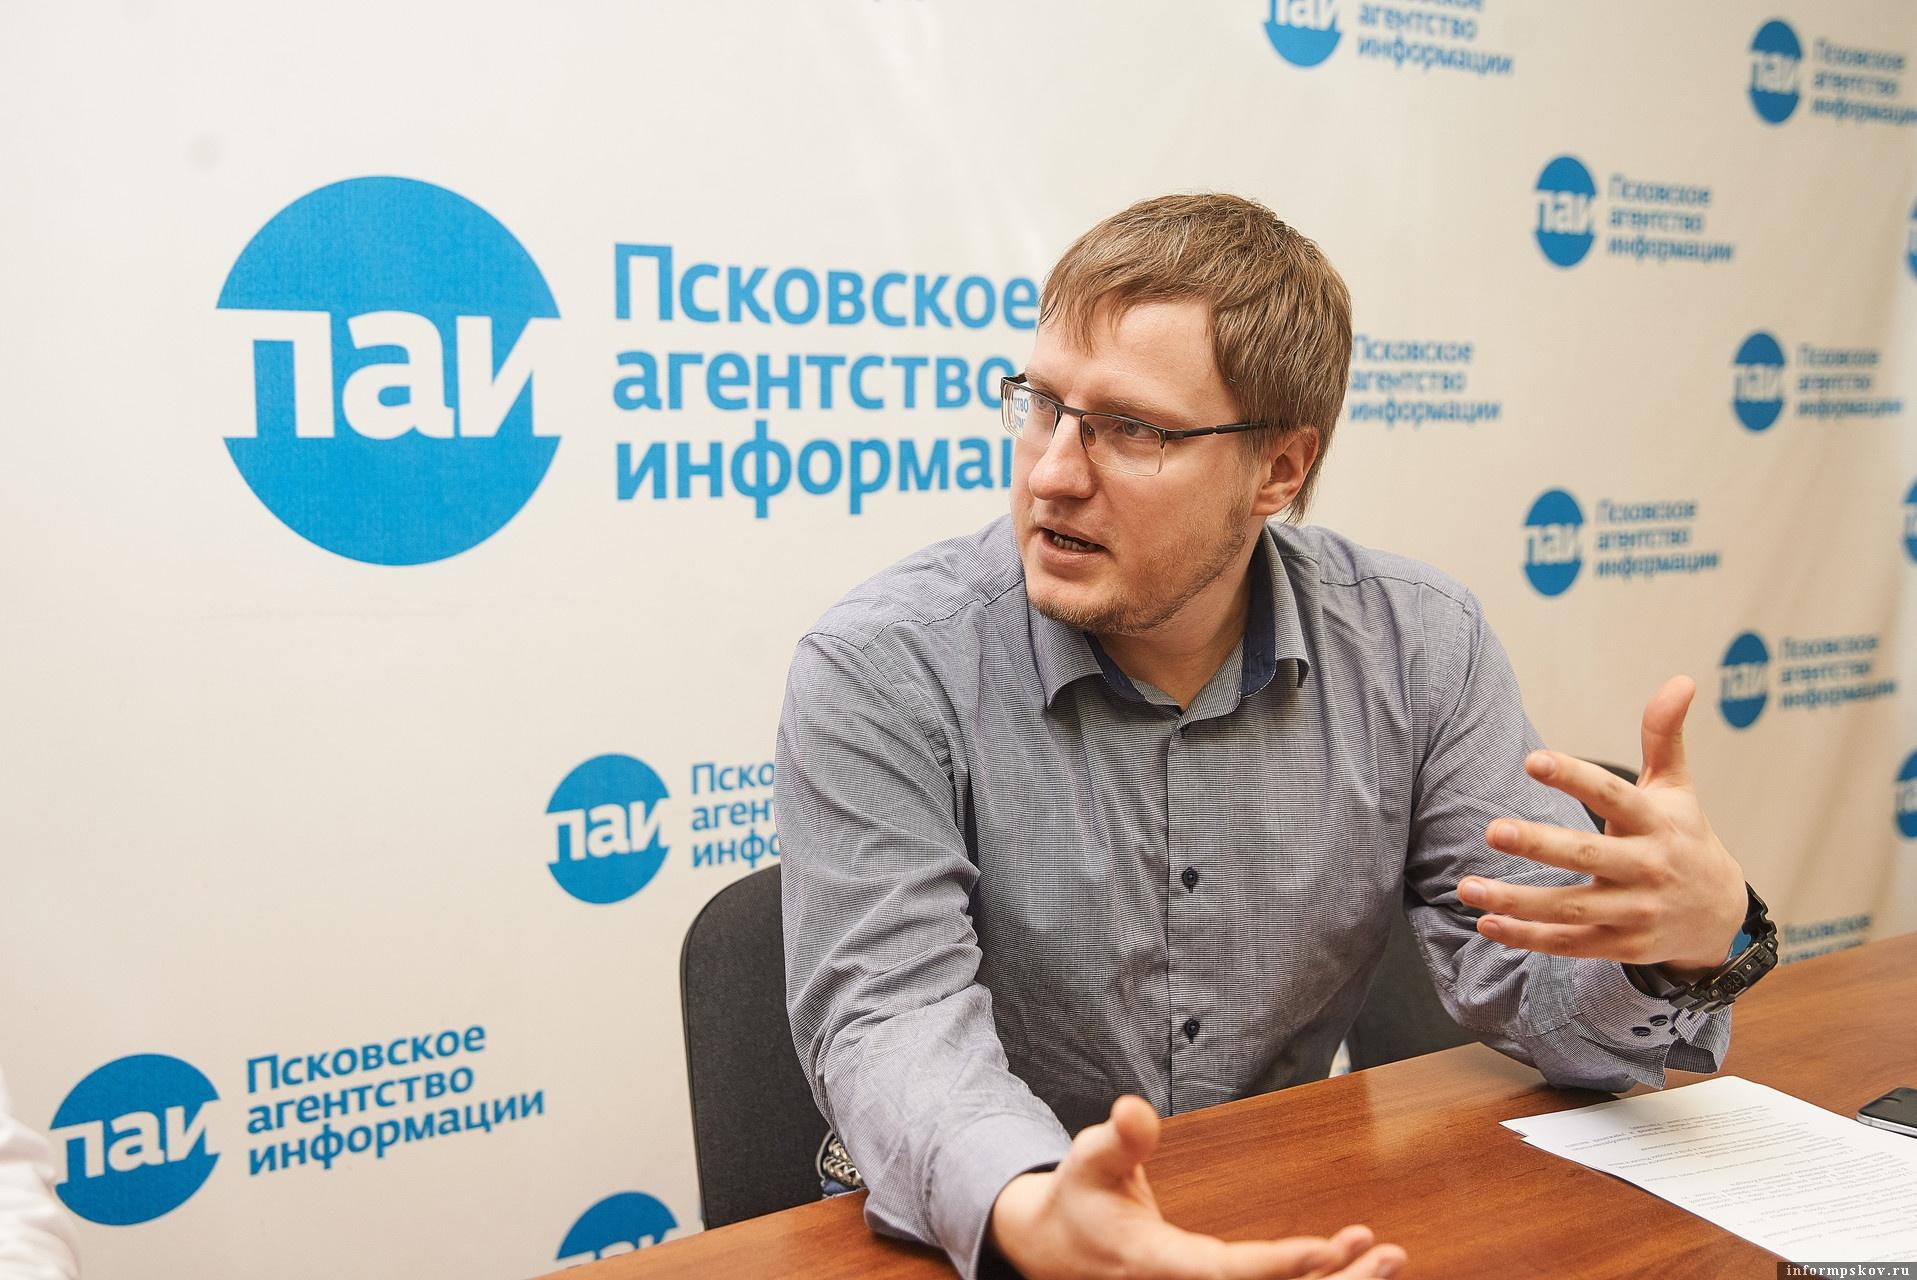 Директор Государственного архива Псковской области Валерий Кузьмин. Фото: Дарья Хваткова.